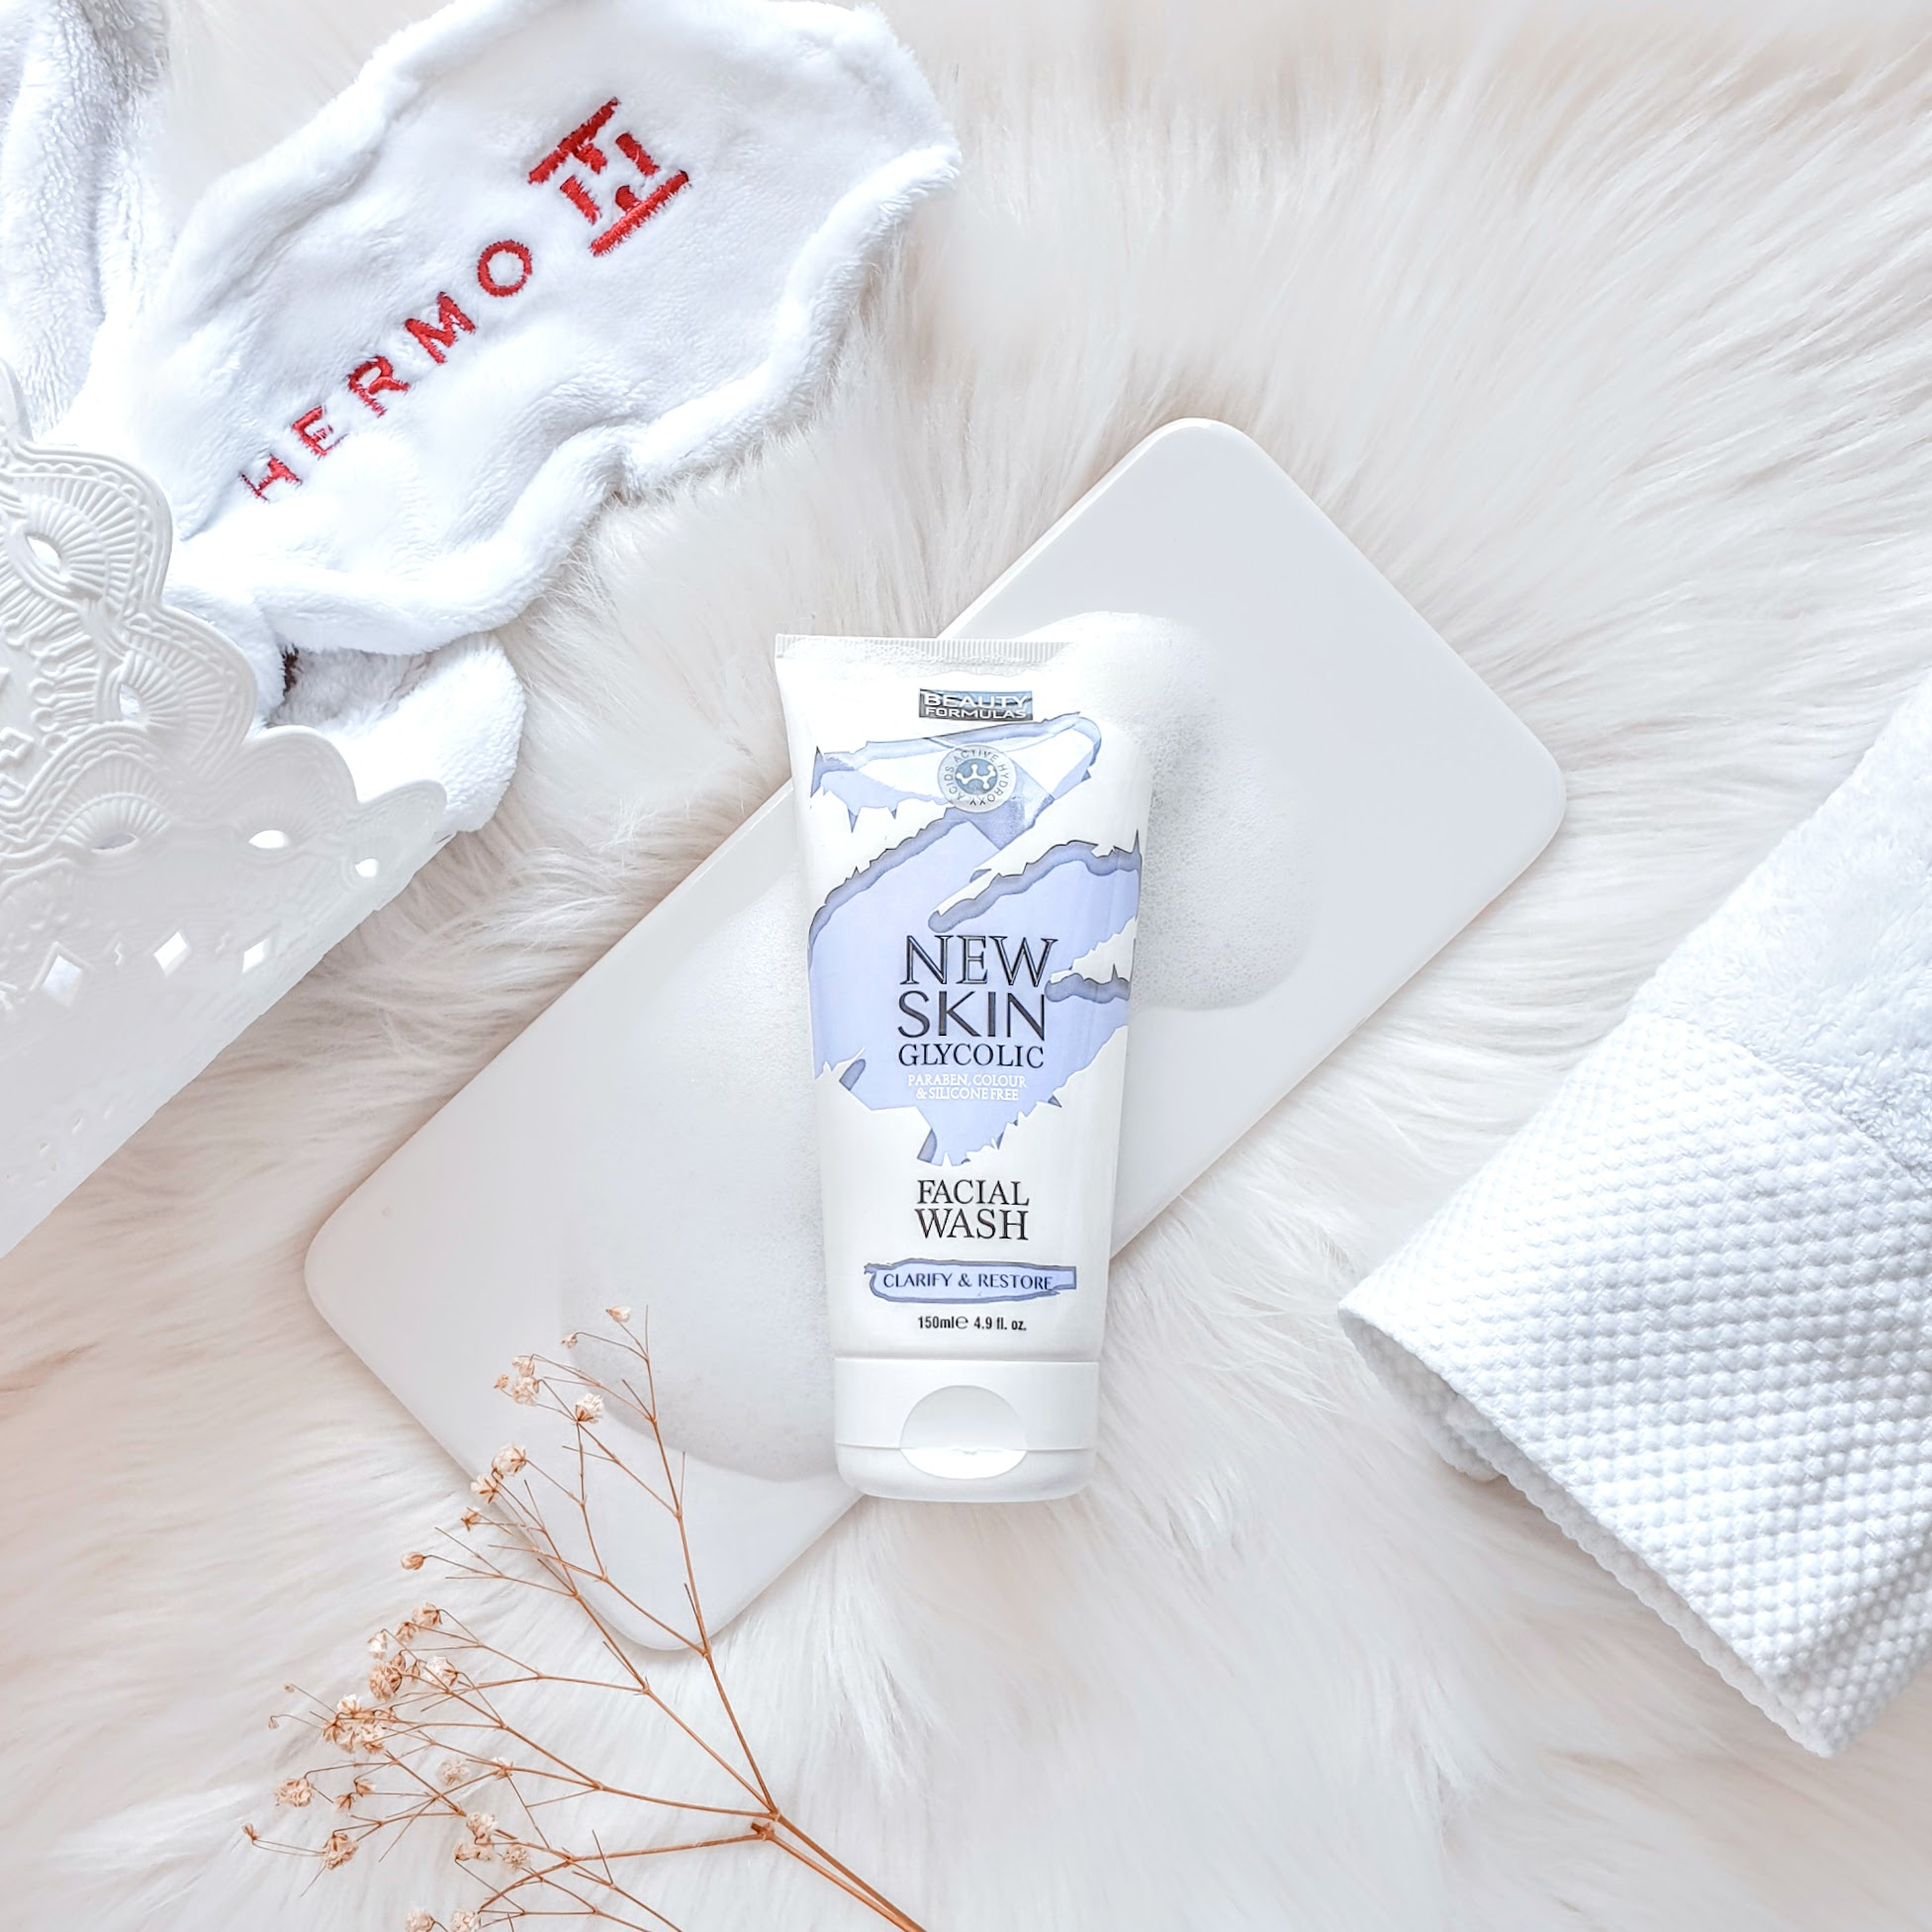 REVIEW | Beauty Formulas New Skin Glycolic Facial Wash